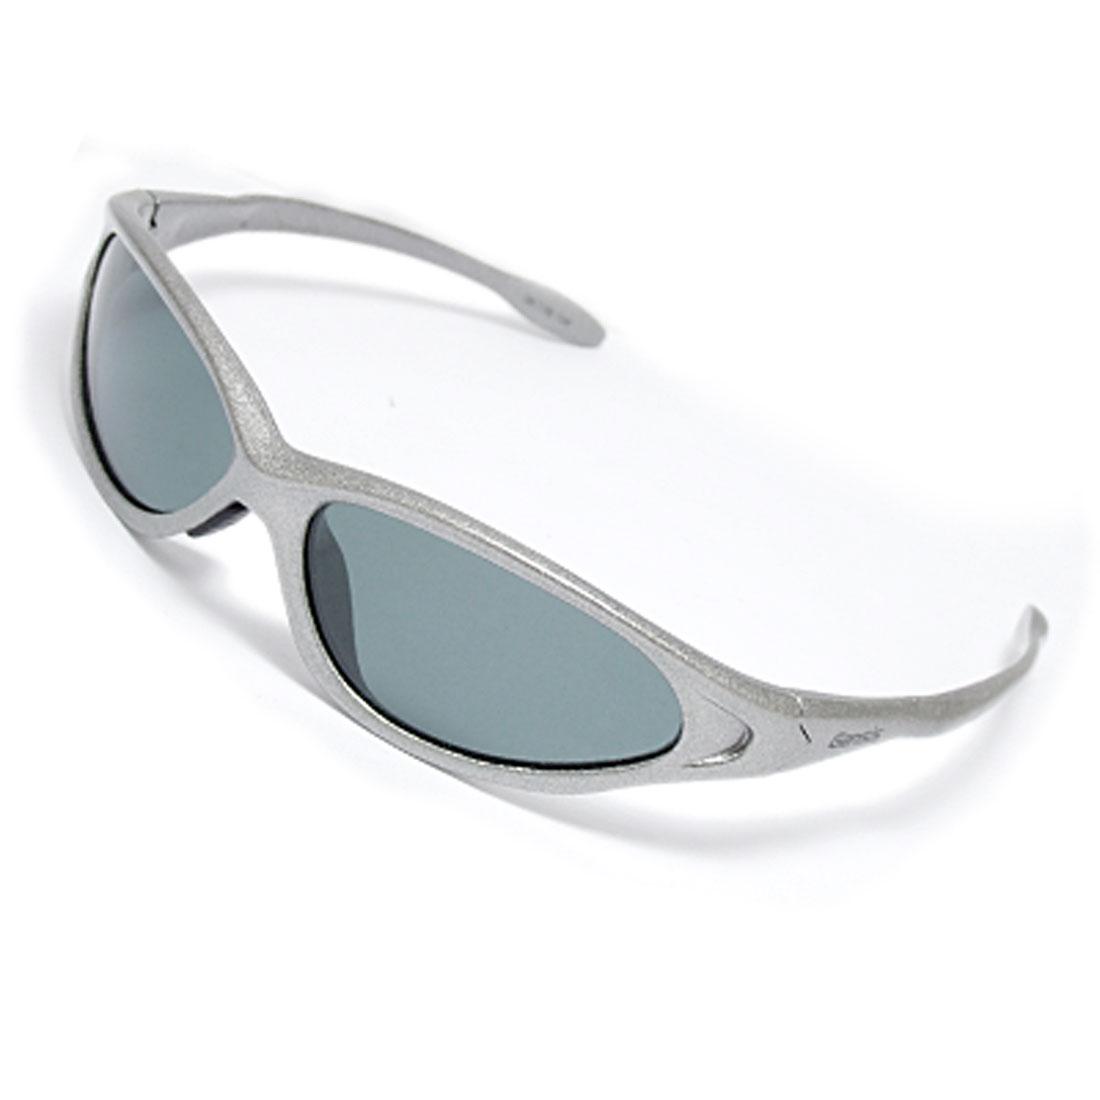 Trendy Eyewear Glasses Polarized Lens Unisex Sunglasses